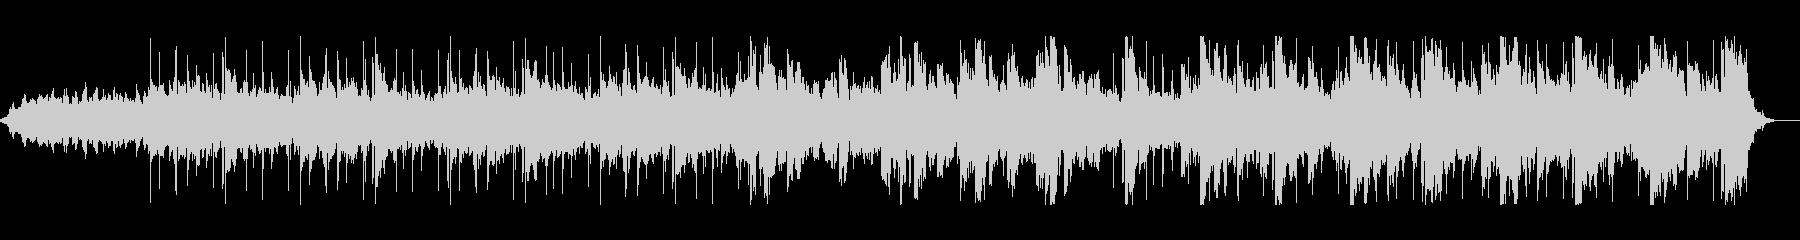 リラックスローファイBGMの未再生の波形